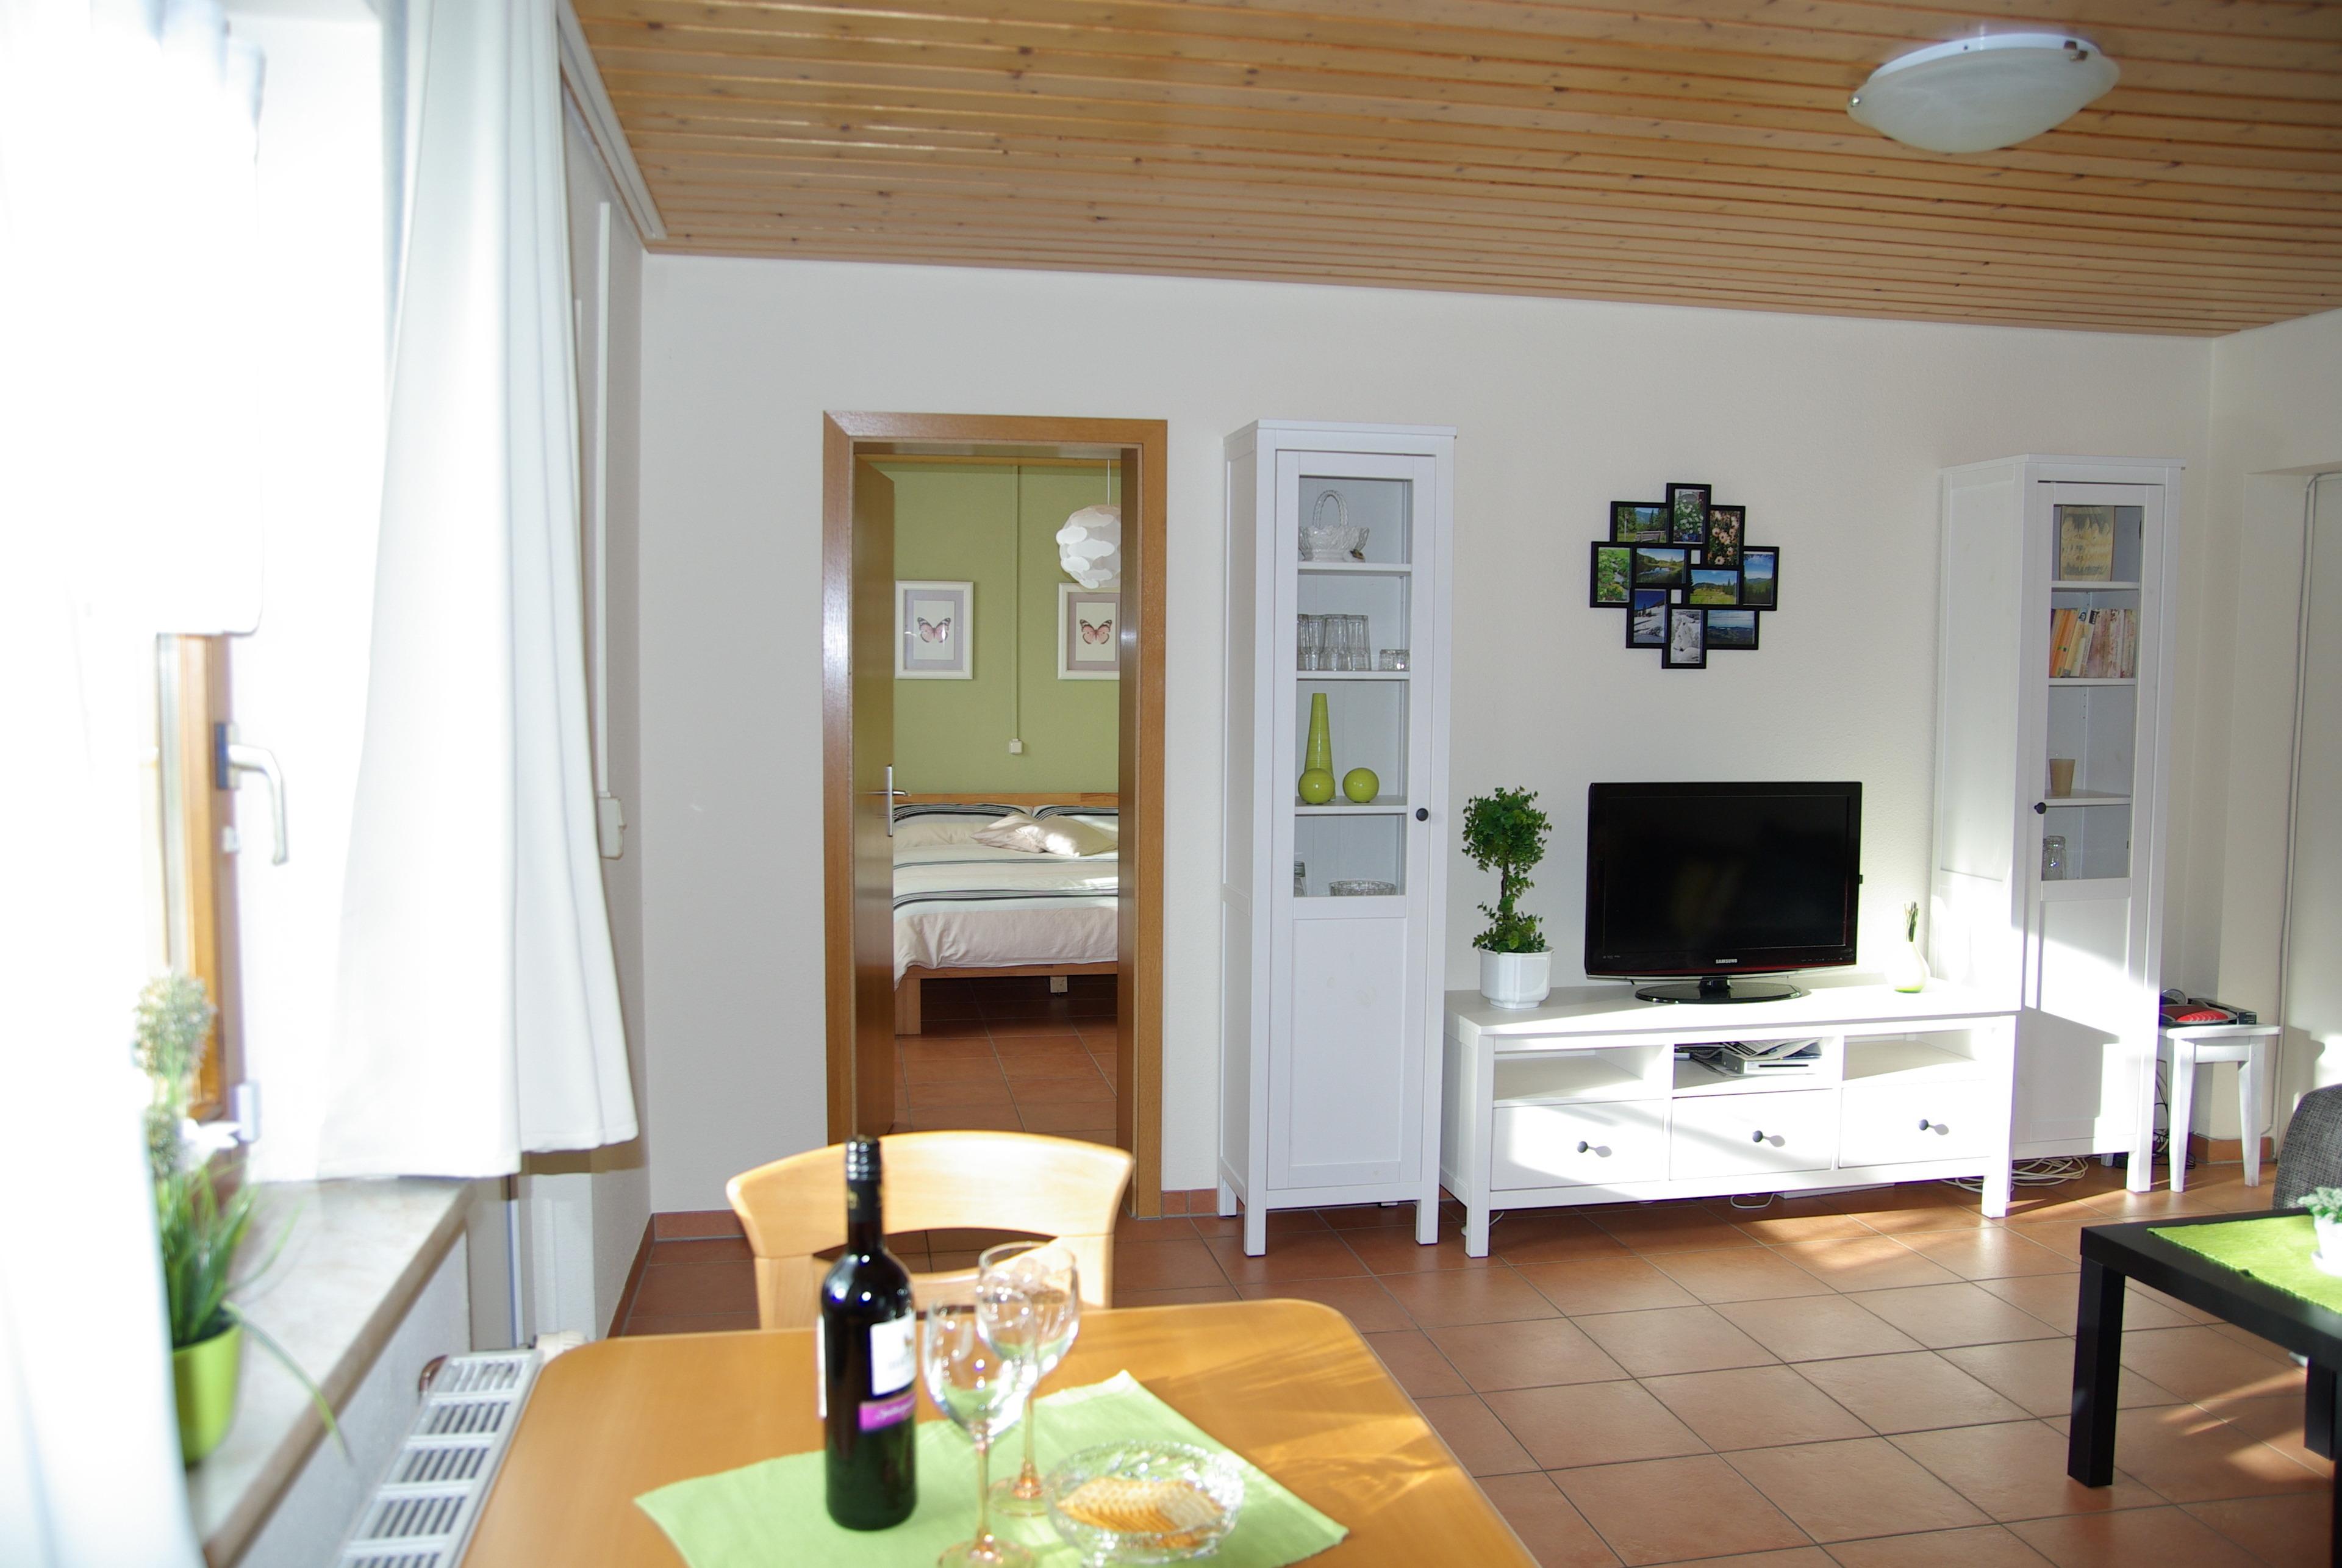 Ferienwohnung Haus Föhrenbach (2793873), Schönenberg, Schwarzwald, Baden-Württemberg, Deutschland, Bild 1